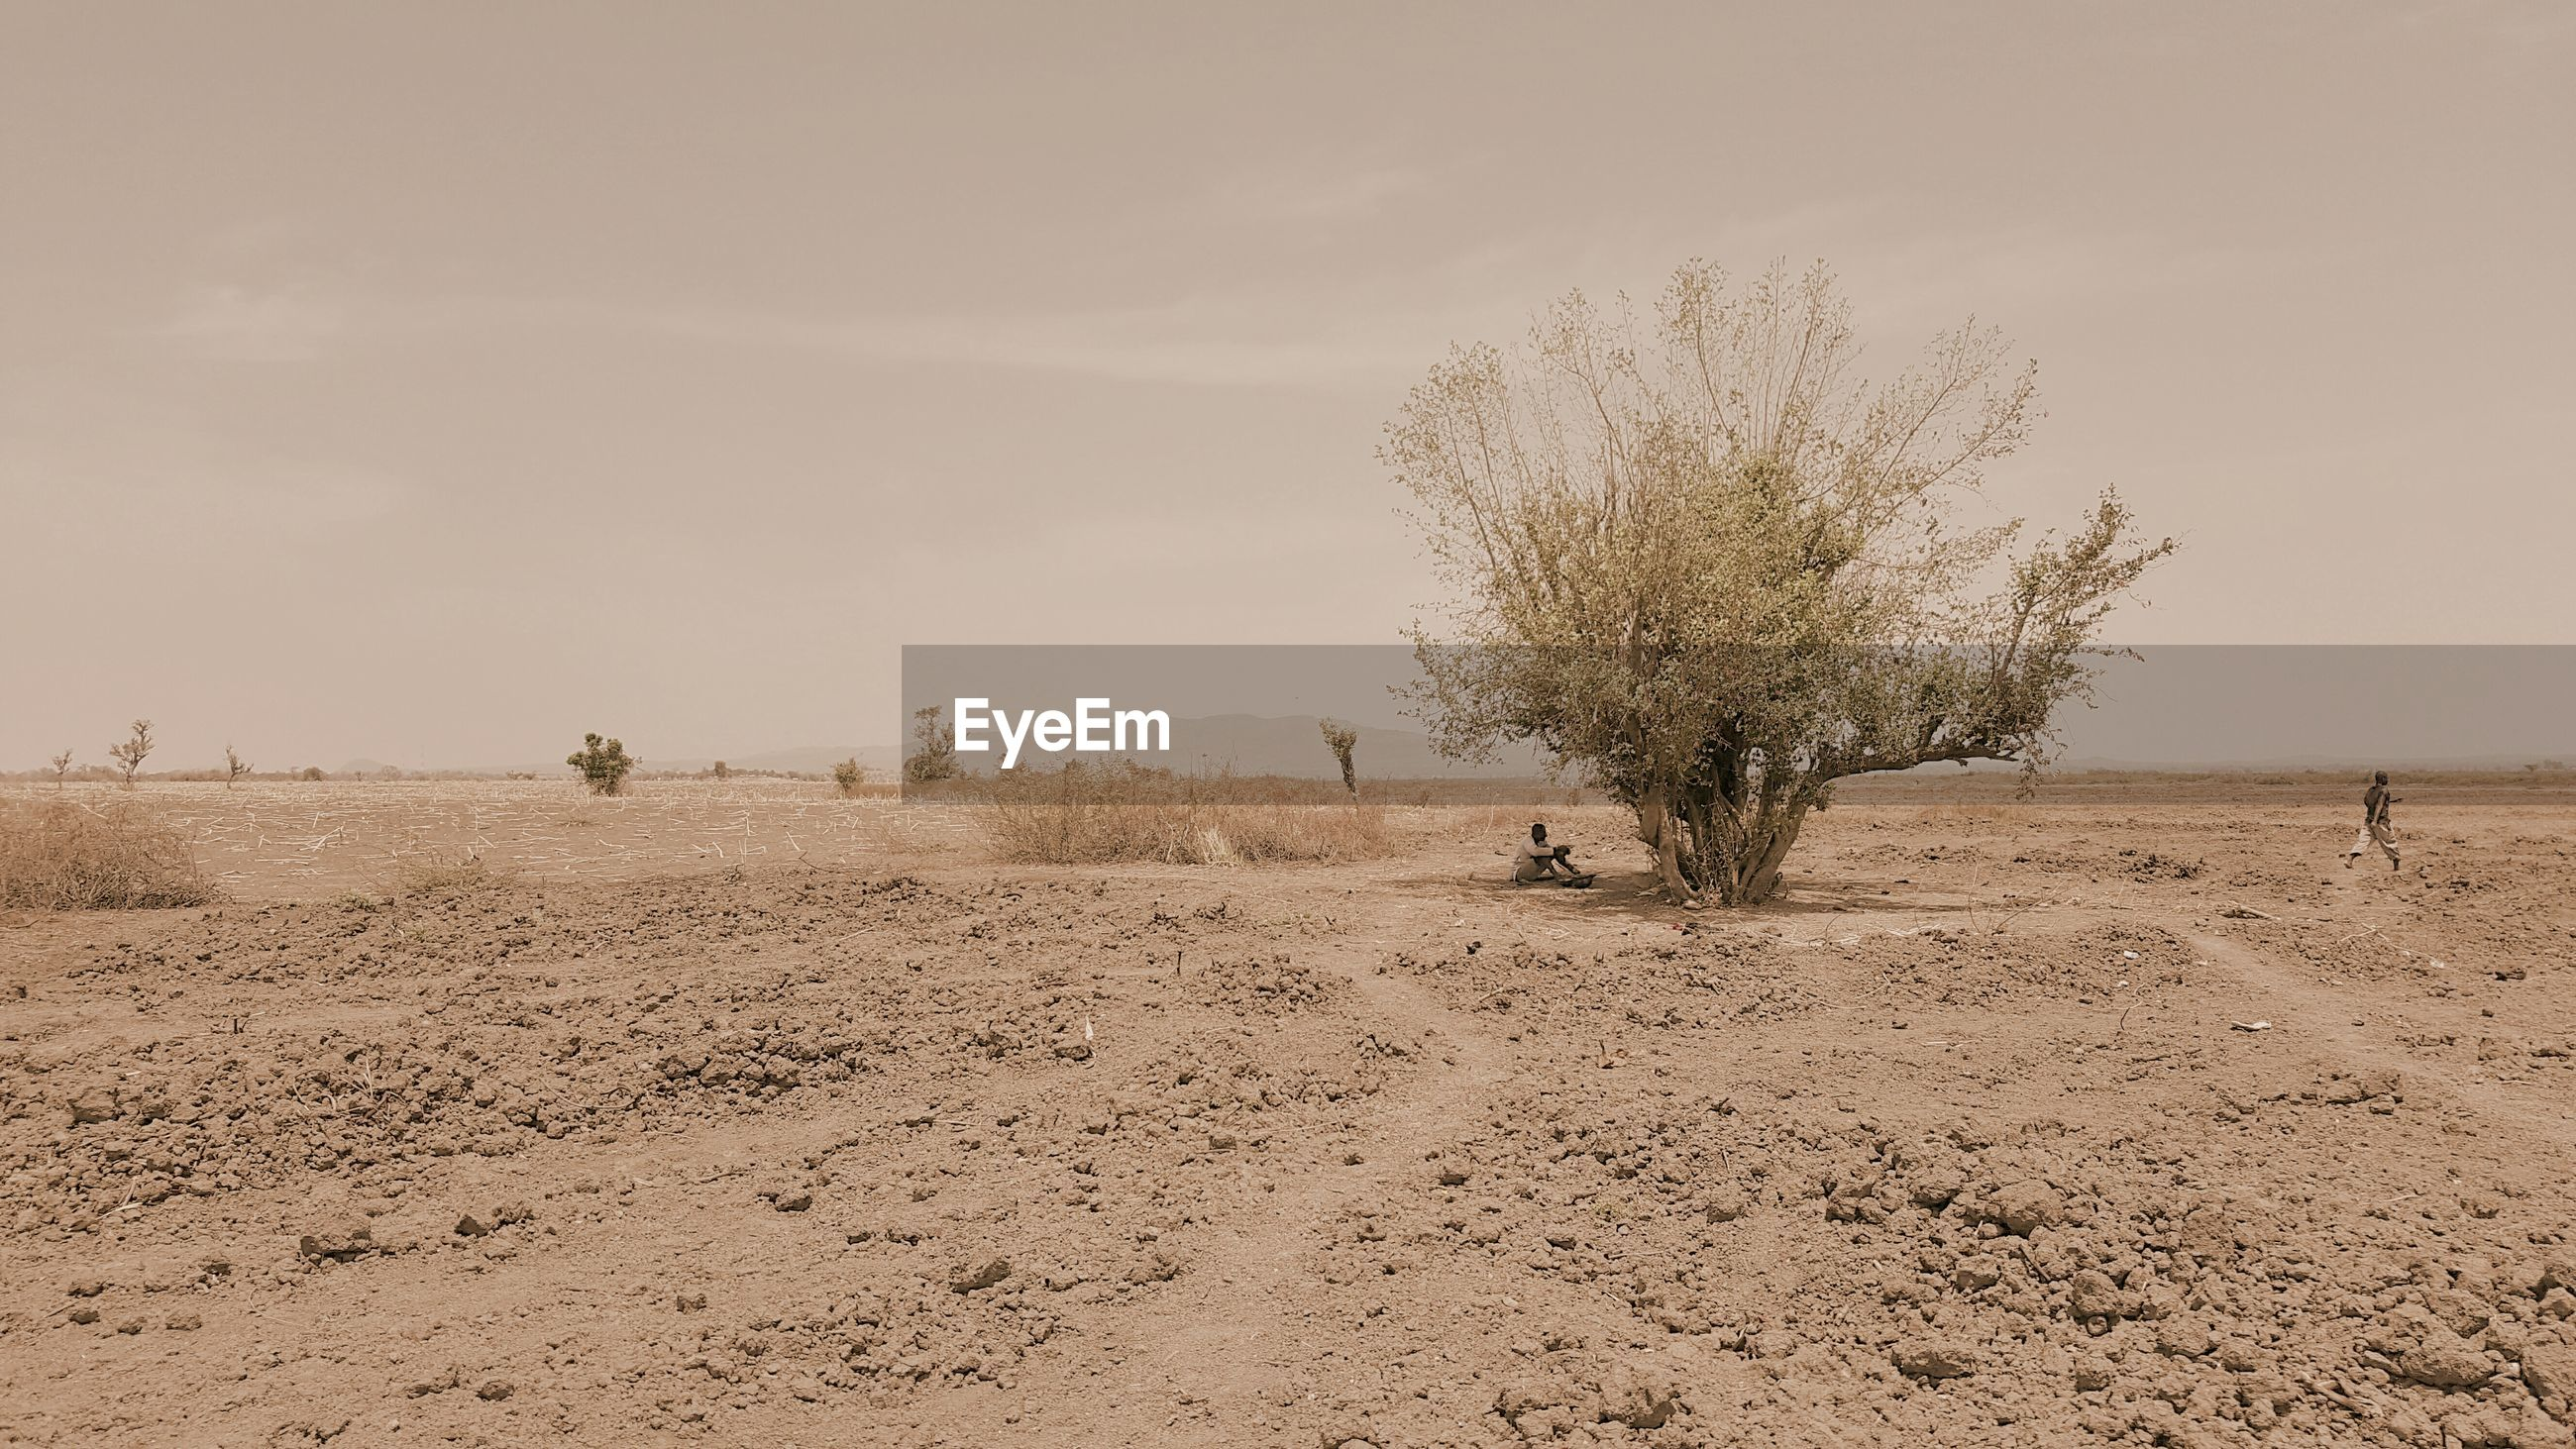 Tree on barren landscape